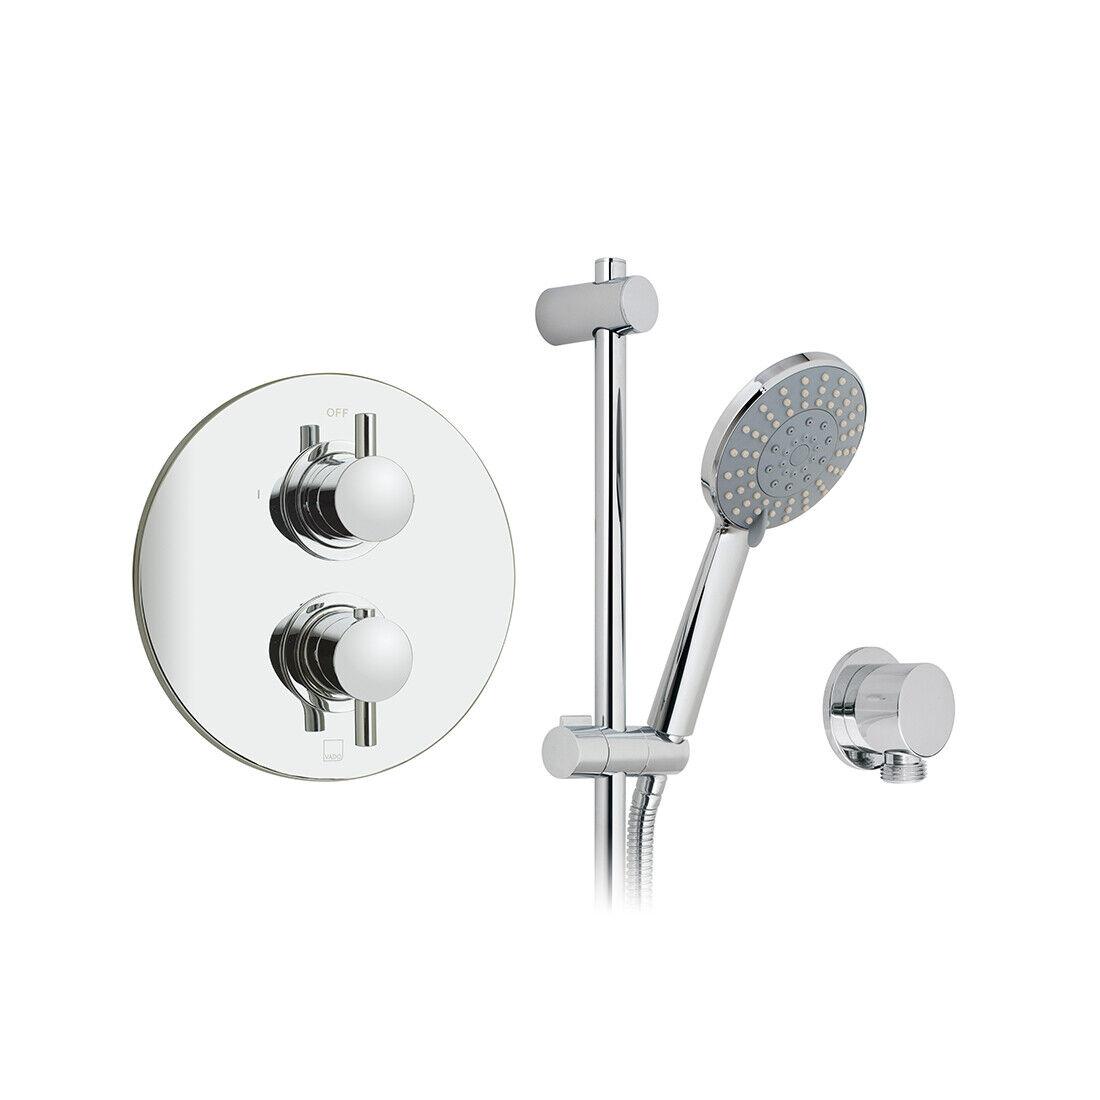 Vado Celsius rojoondo Kit de ducha termostática, Válvula, Riel Deslizante & Outlet Nuevo Y En Caja